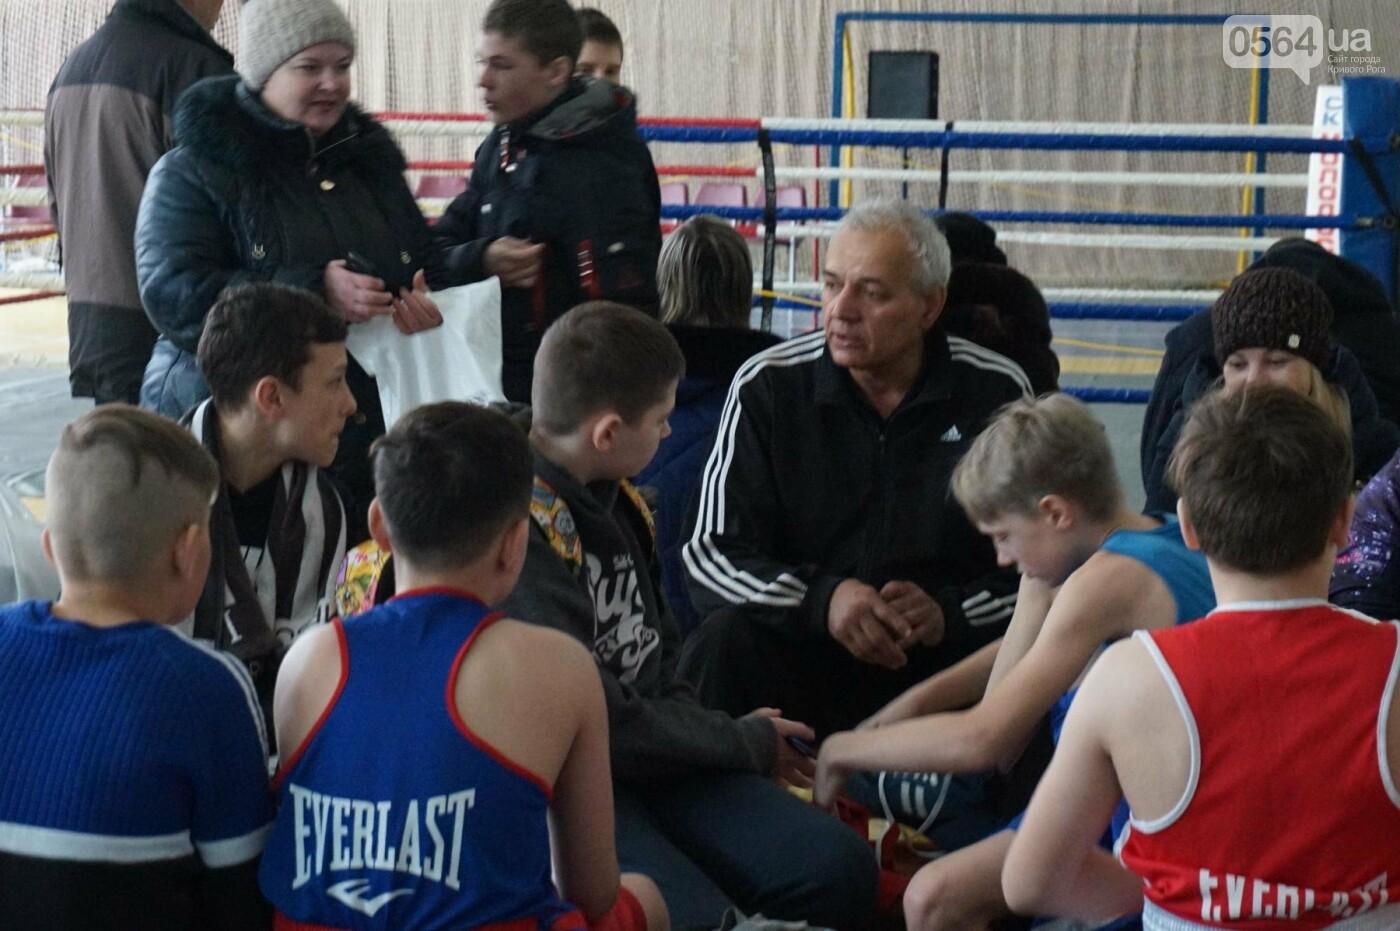 В Кривом Роге состоялся Международный турнир по боксу (ФОТО, ВИДЕО), фото-40